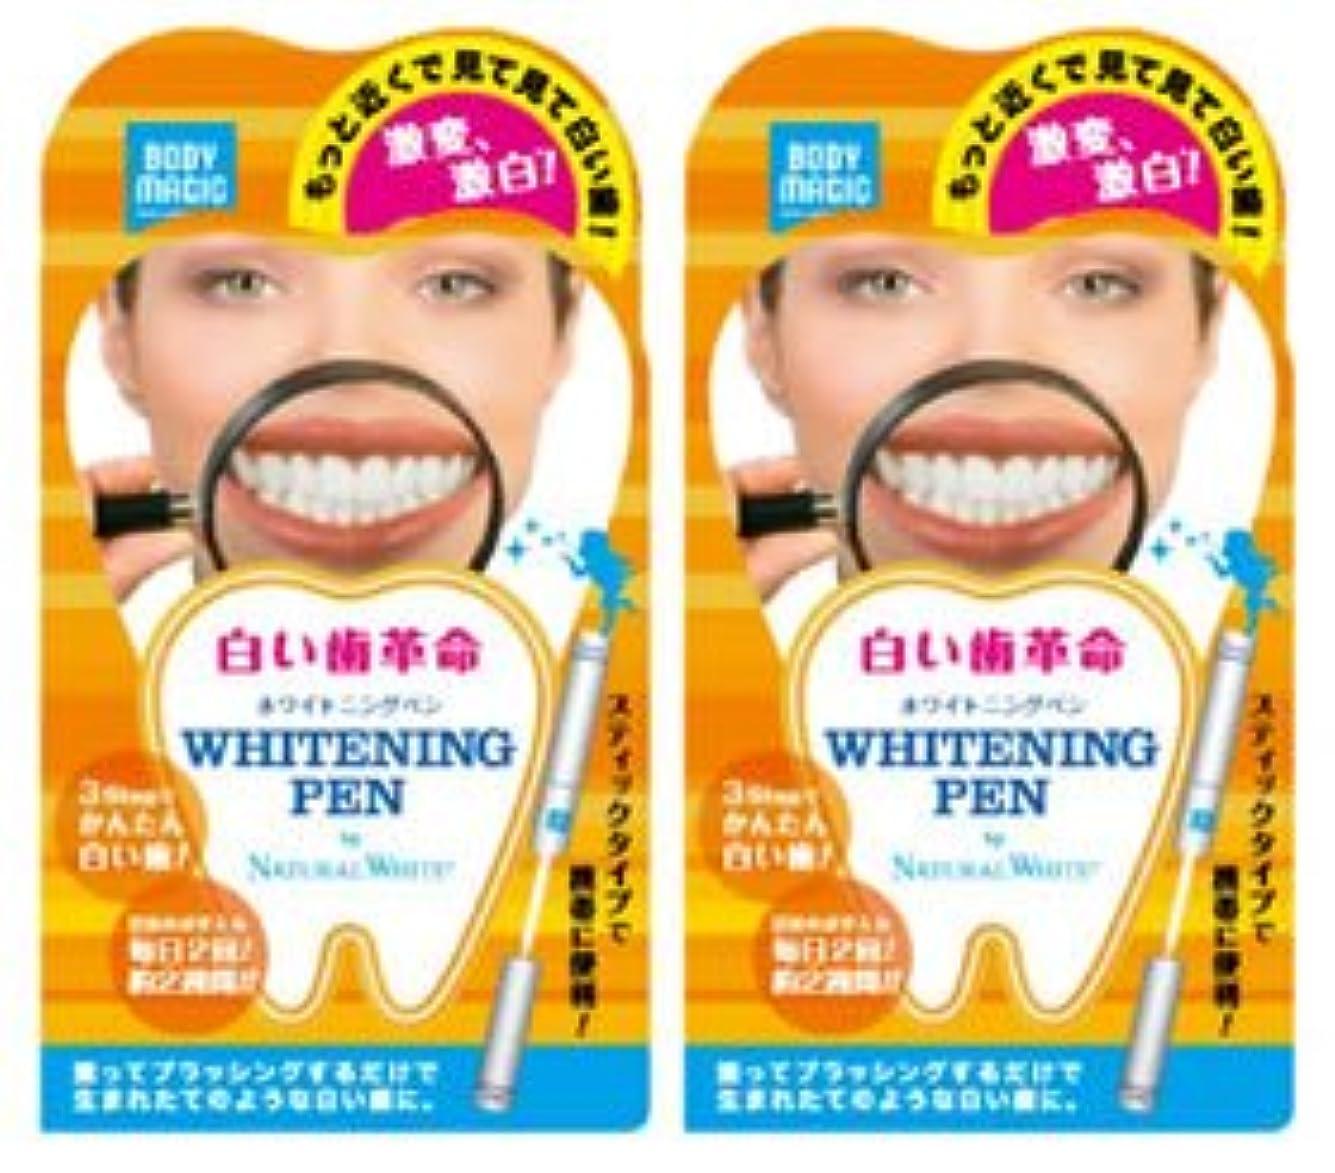 胆嚢減る共感する《セット販売》 ナチュラルホワイト ボディマジック ホワイトニングペン 2個セット 【白い歯革命】 ラピッドホワイトBスティック 【ジェルハミガキ】